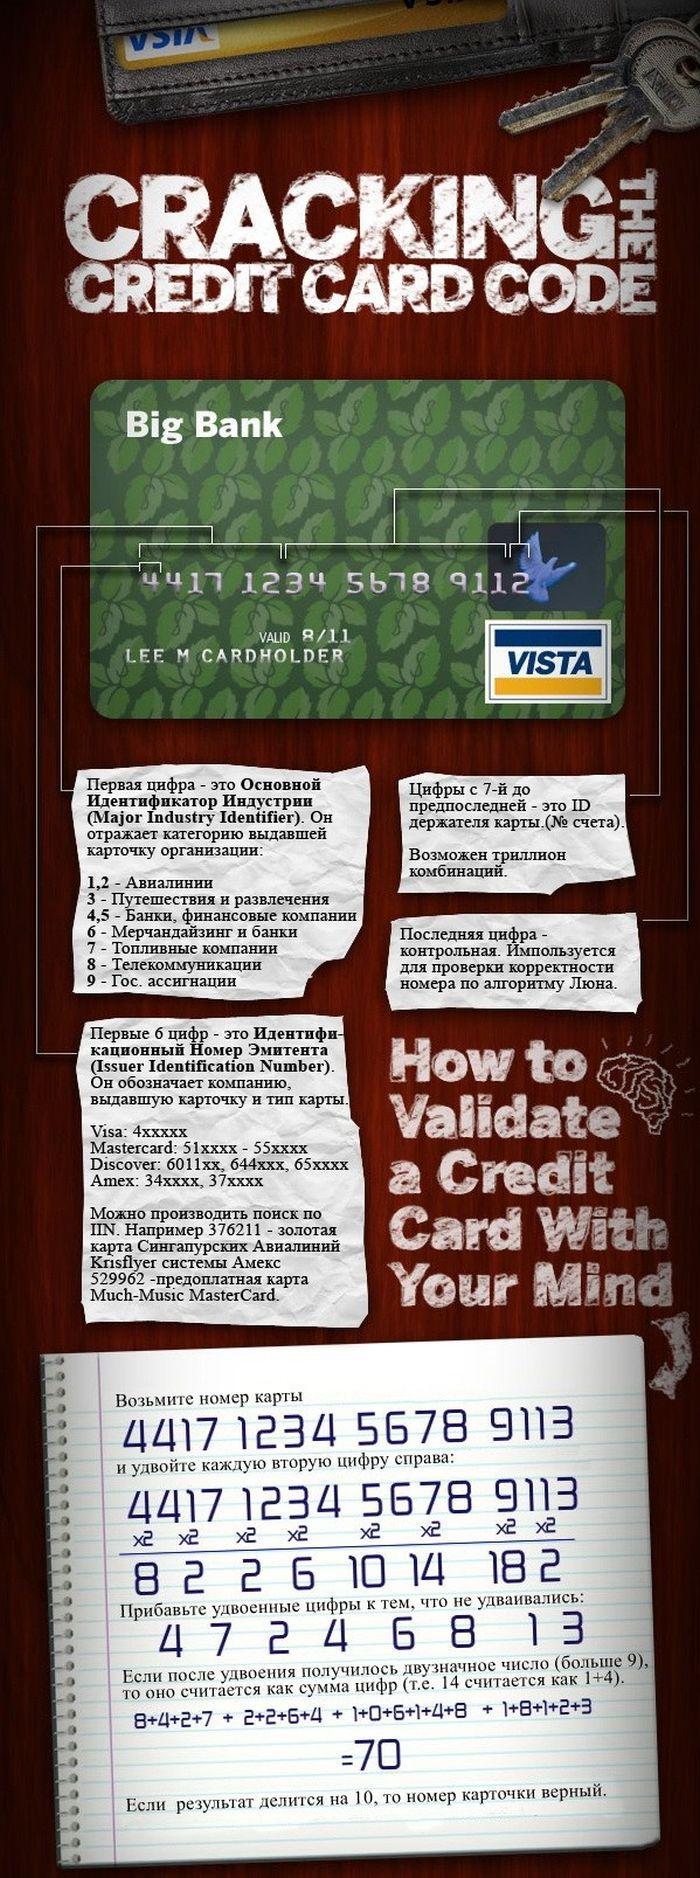 пластиковая карта кредитная карта visa mastercard